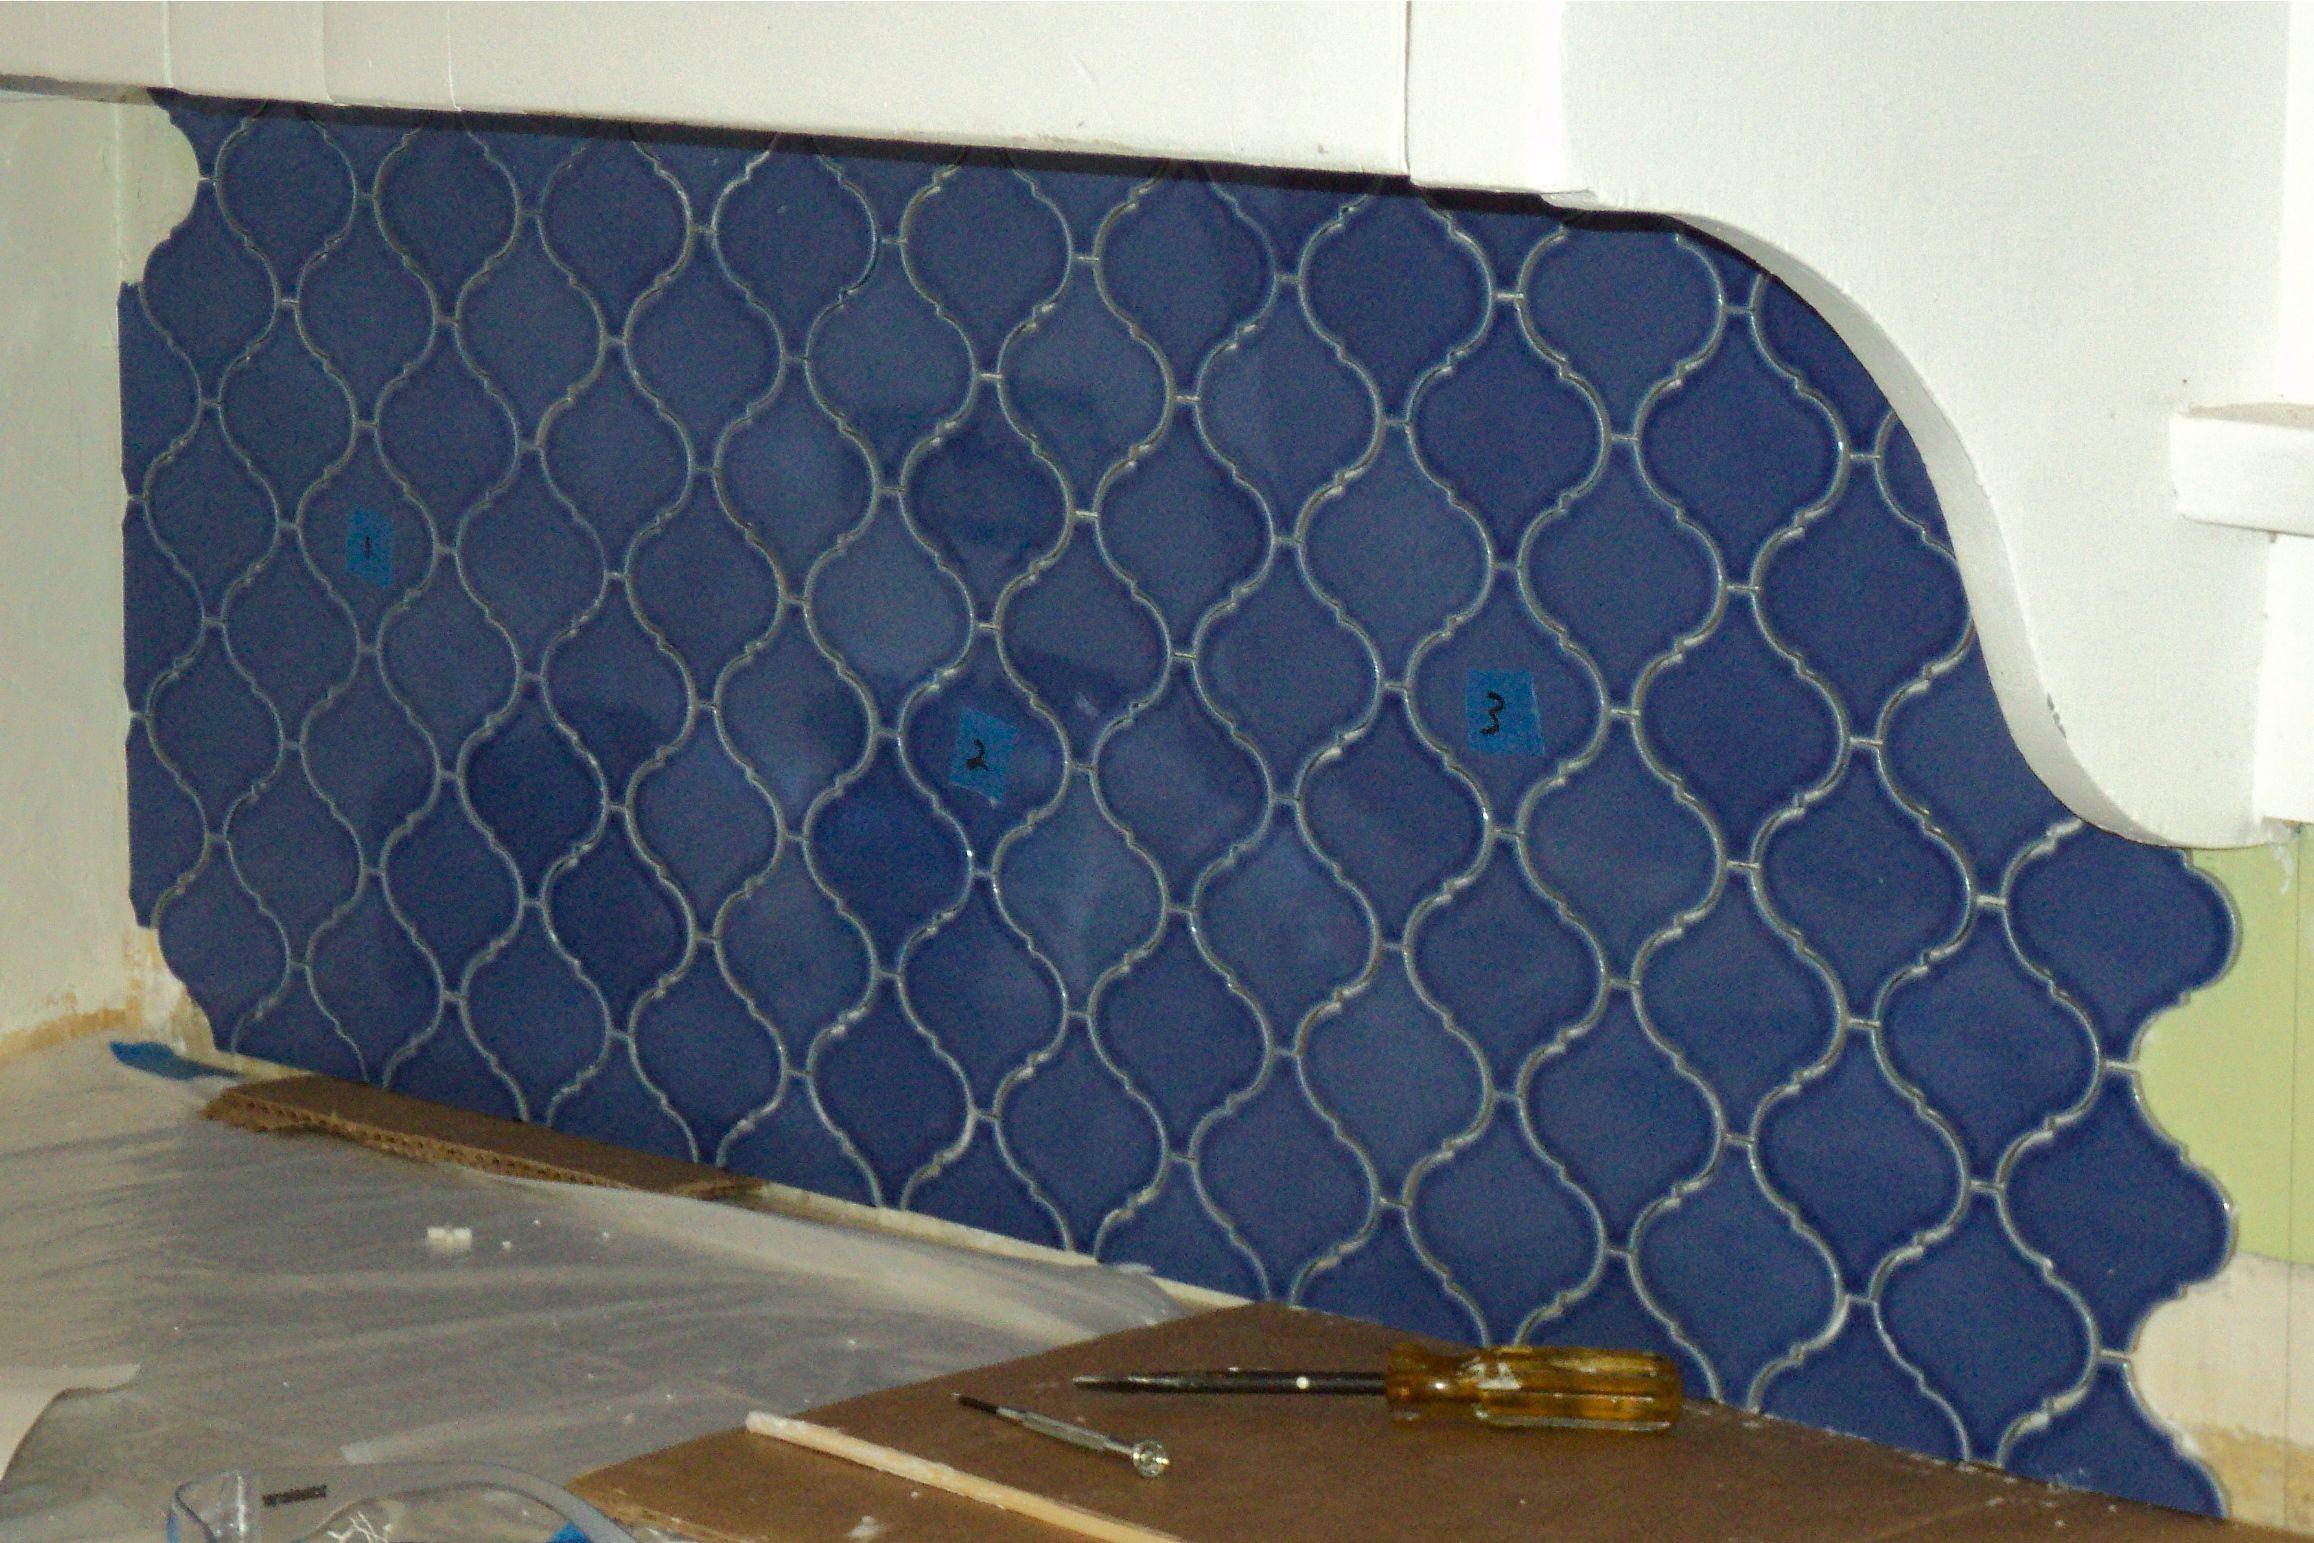 Kitchen details: The Backsplash | Blue tiles, Bathroom tiling and ...